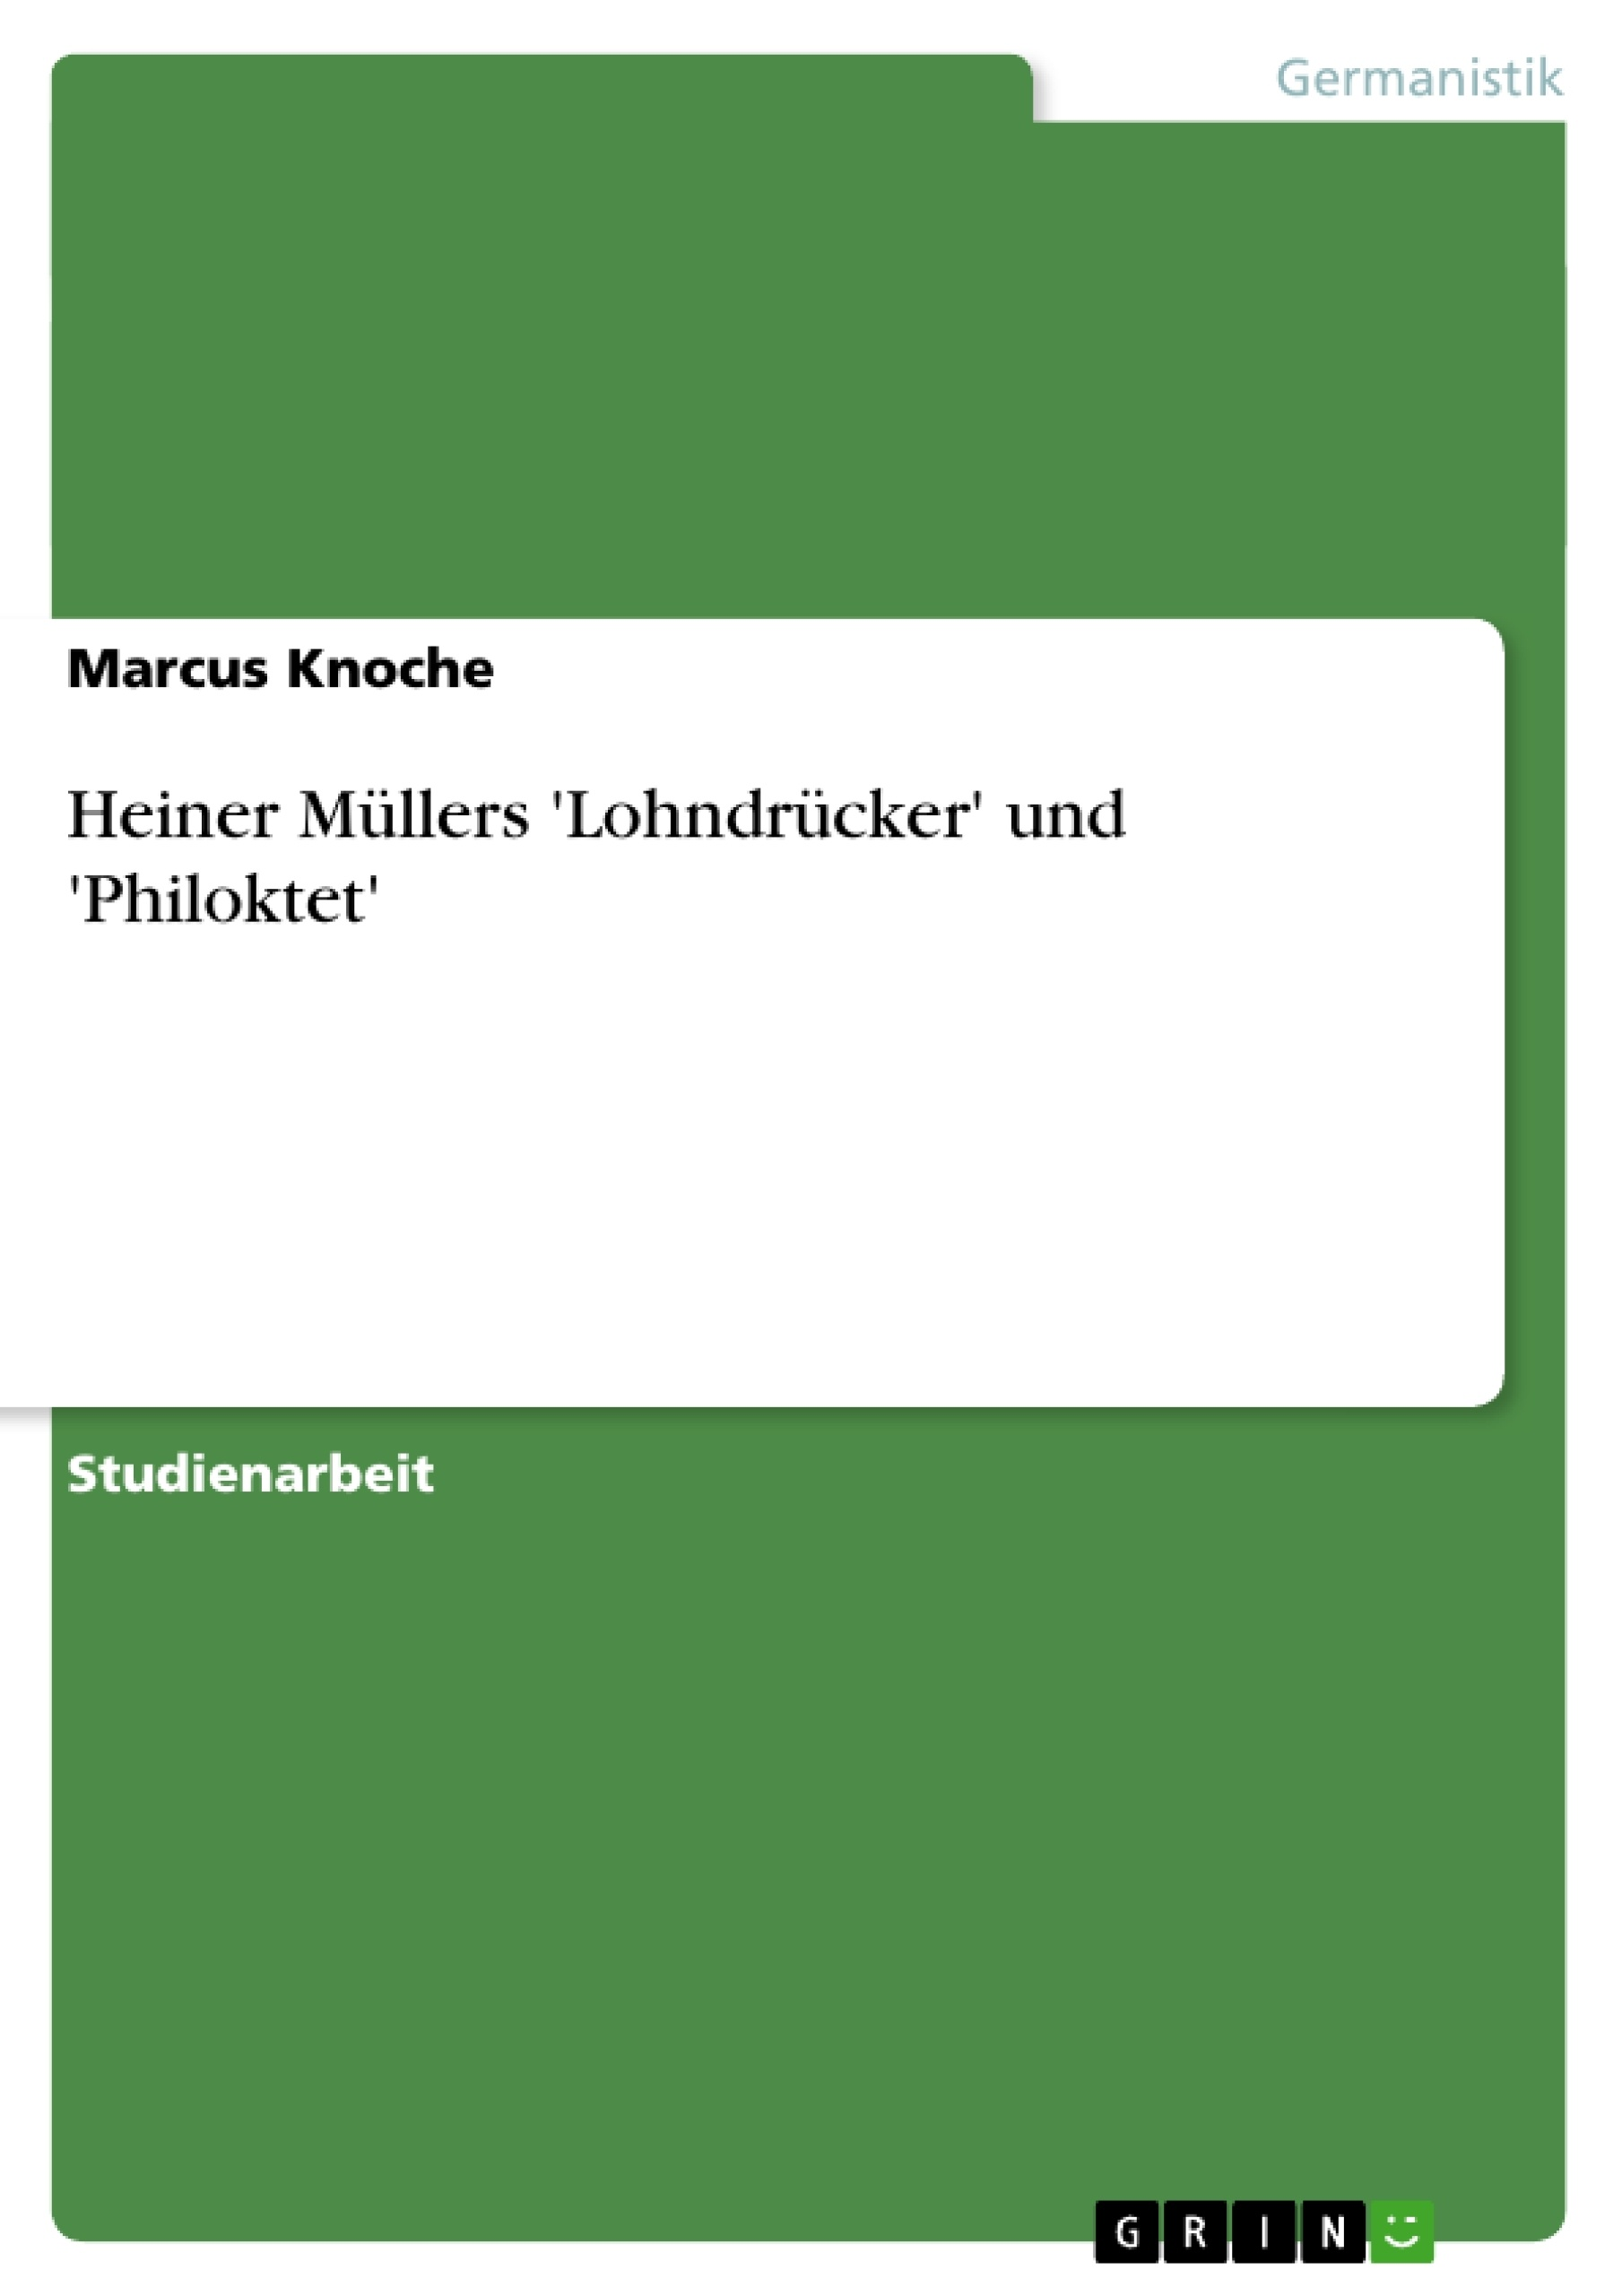 Titel: Heiner Müllers 'Lohndrücker' und 'Philoktet'